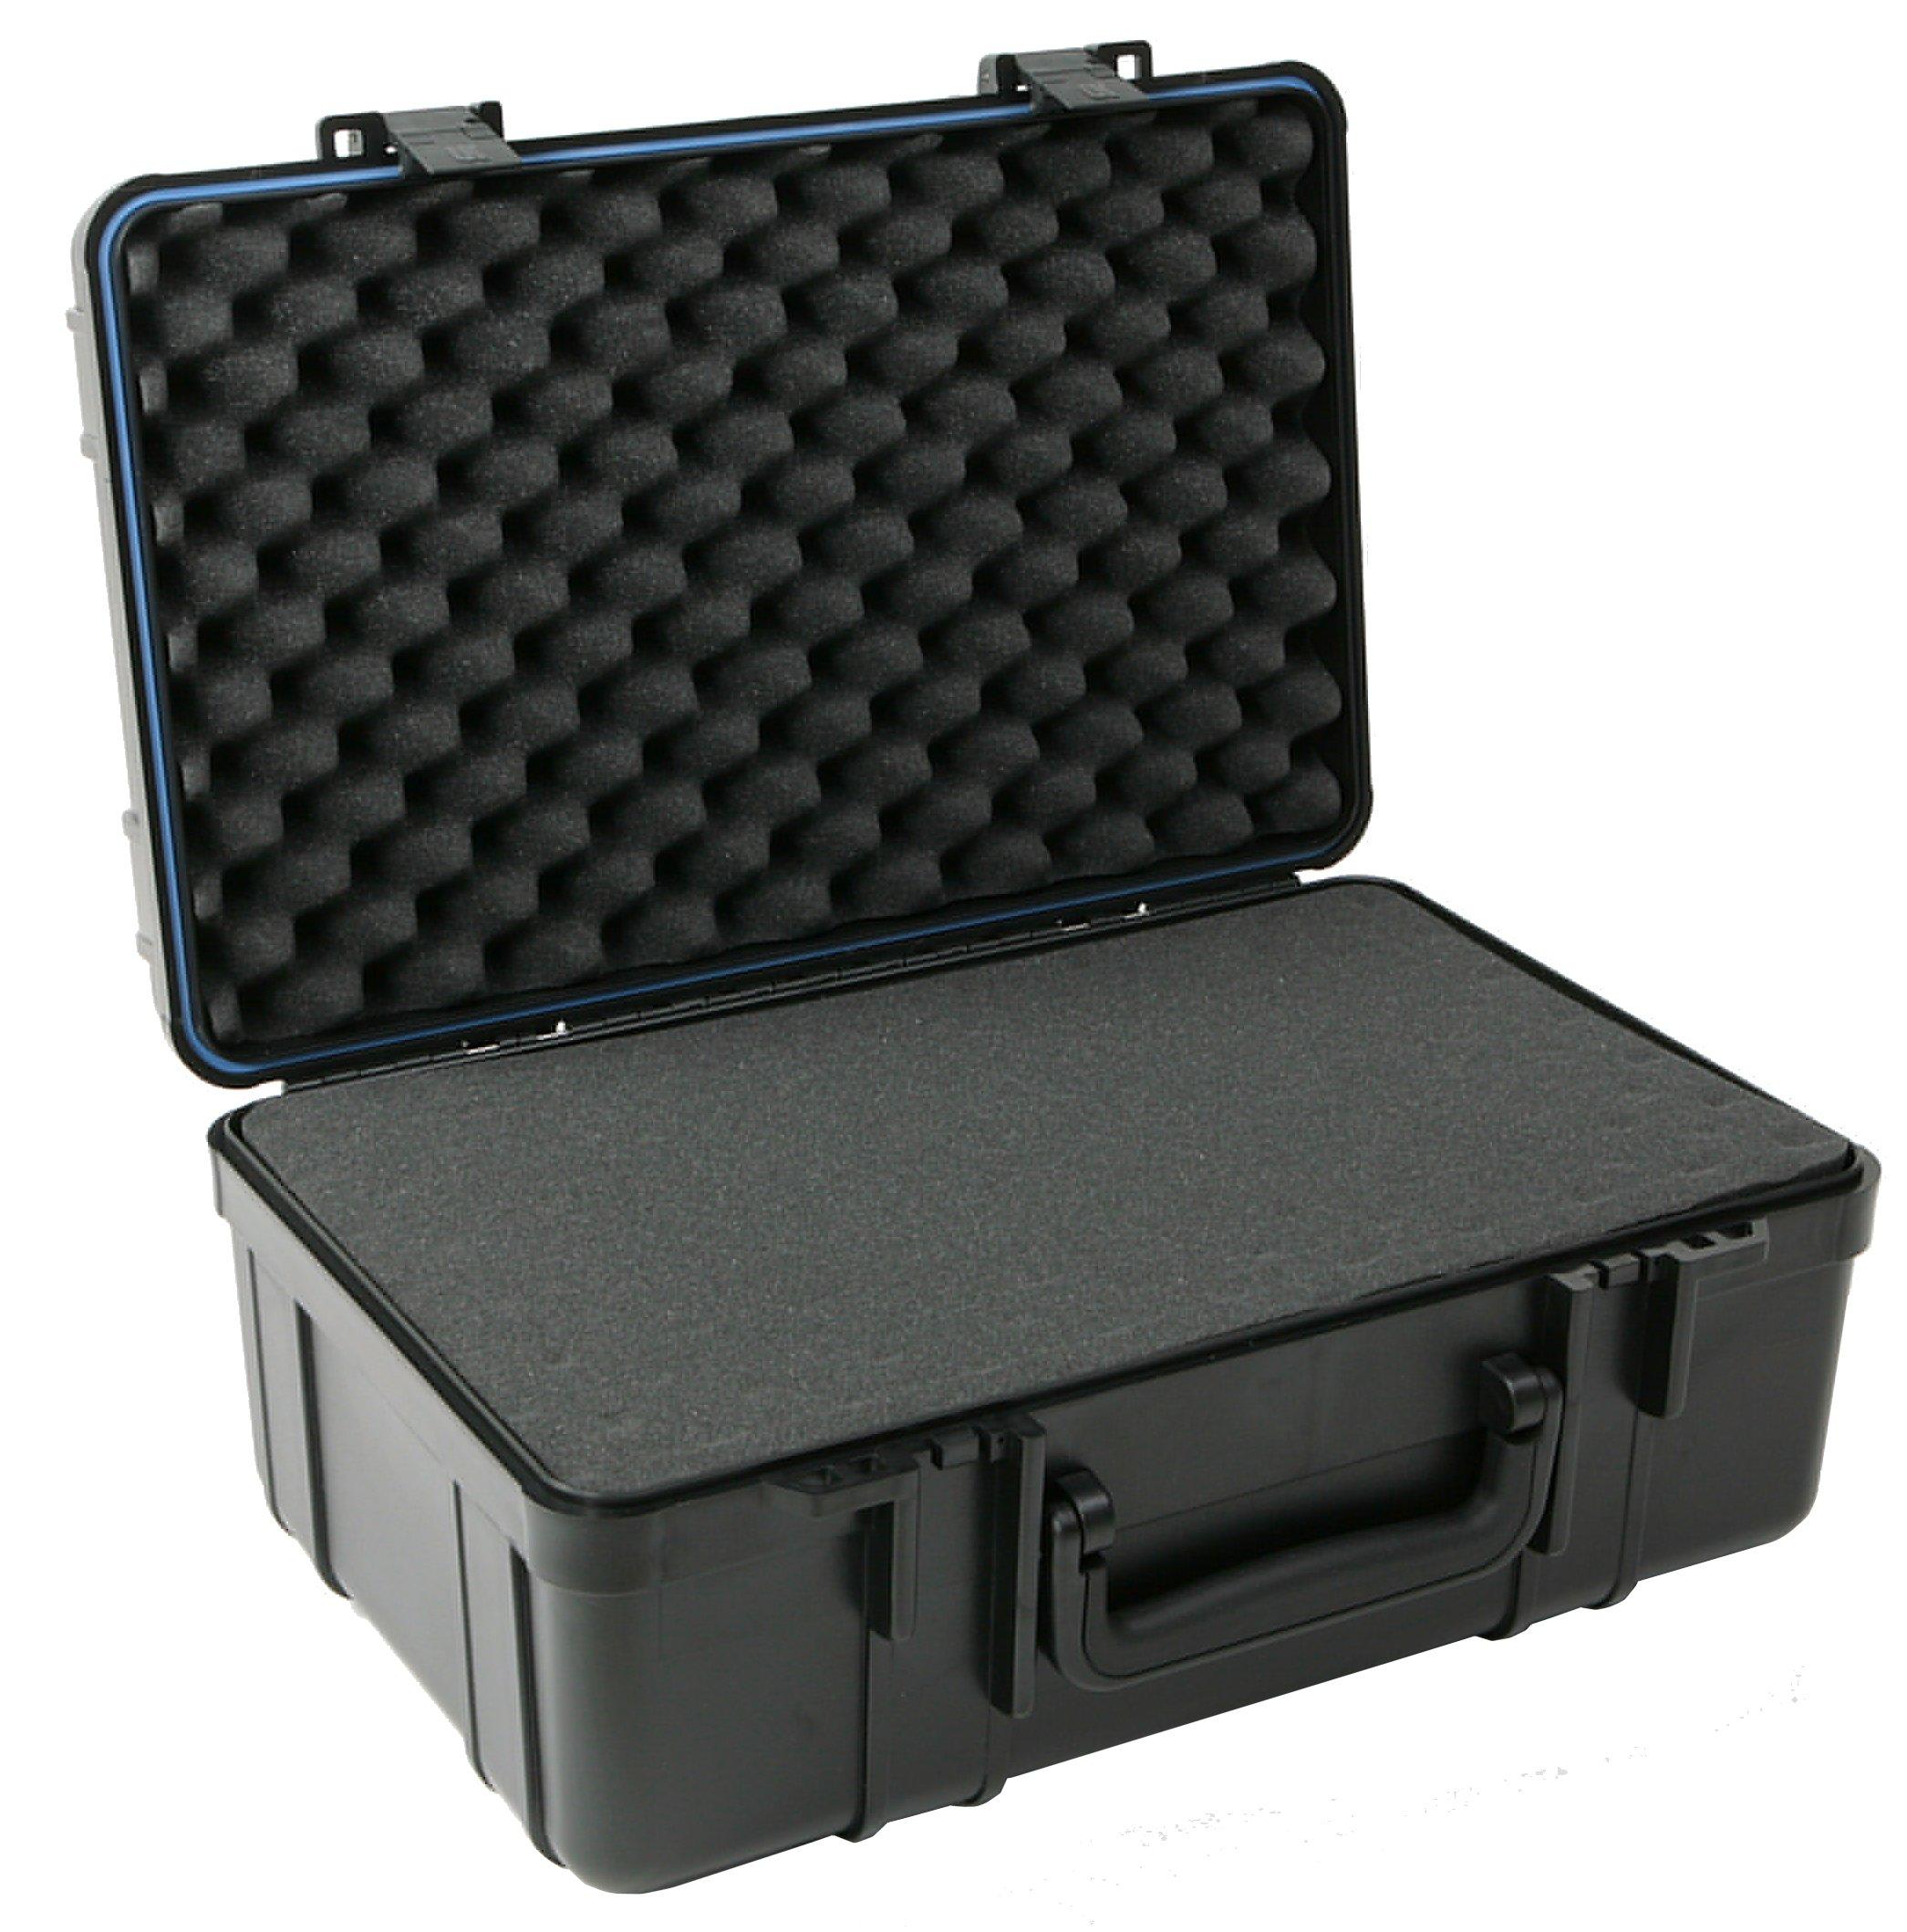 CC821UK Case